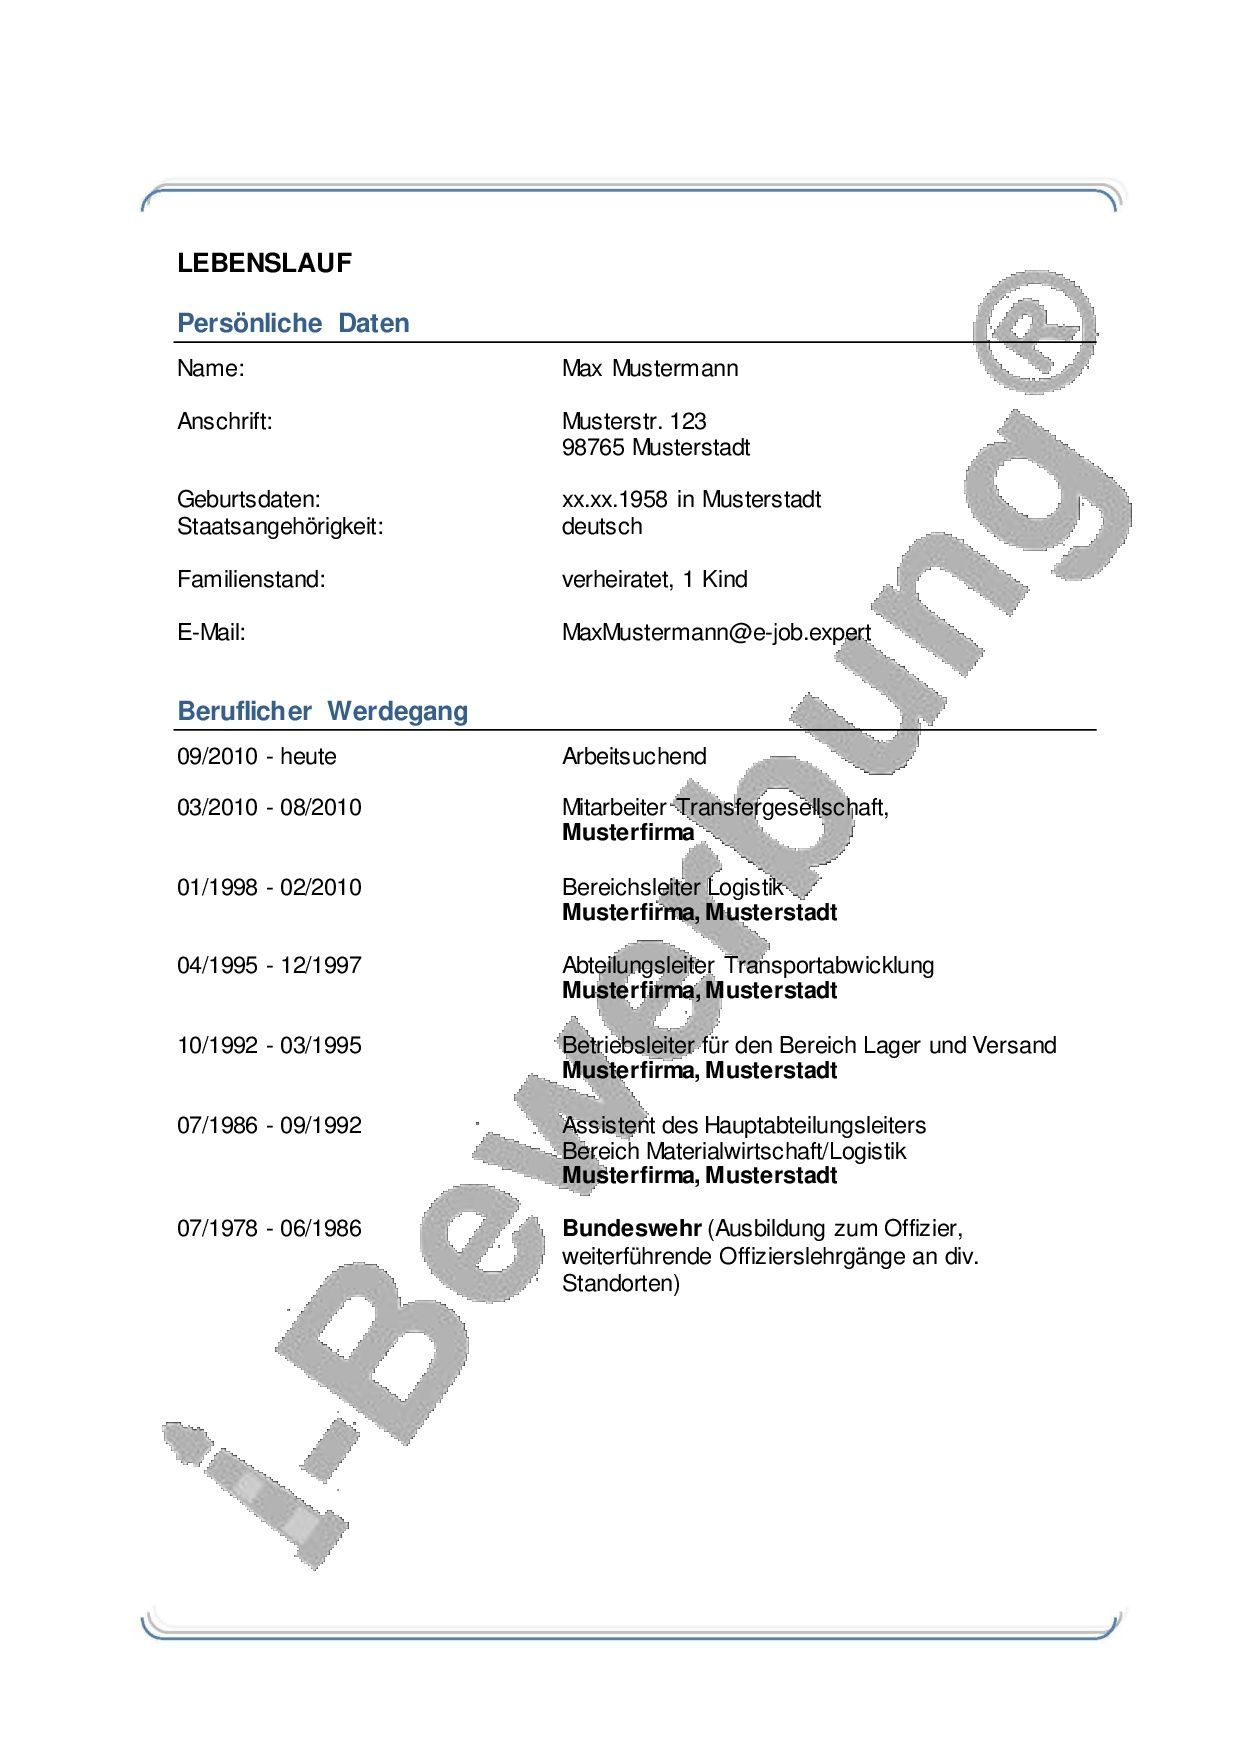 Fein Verschiedene Lebenslaufformate Pdf Ideen - Entry Level Resume ...